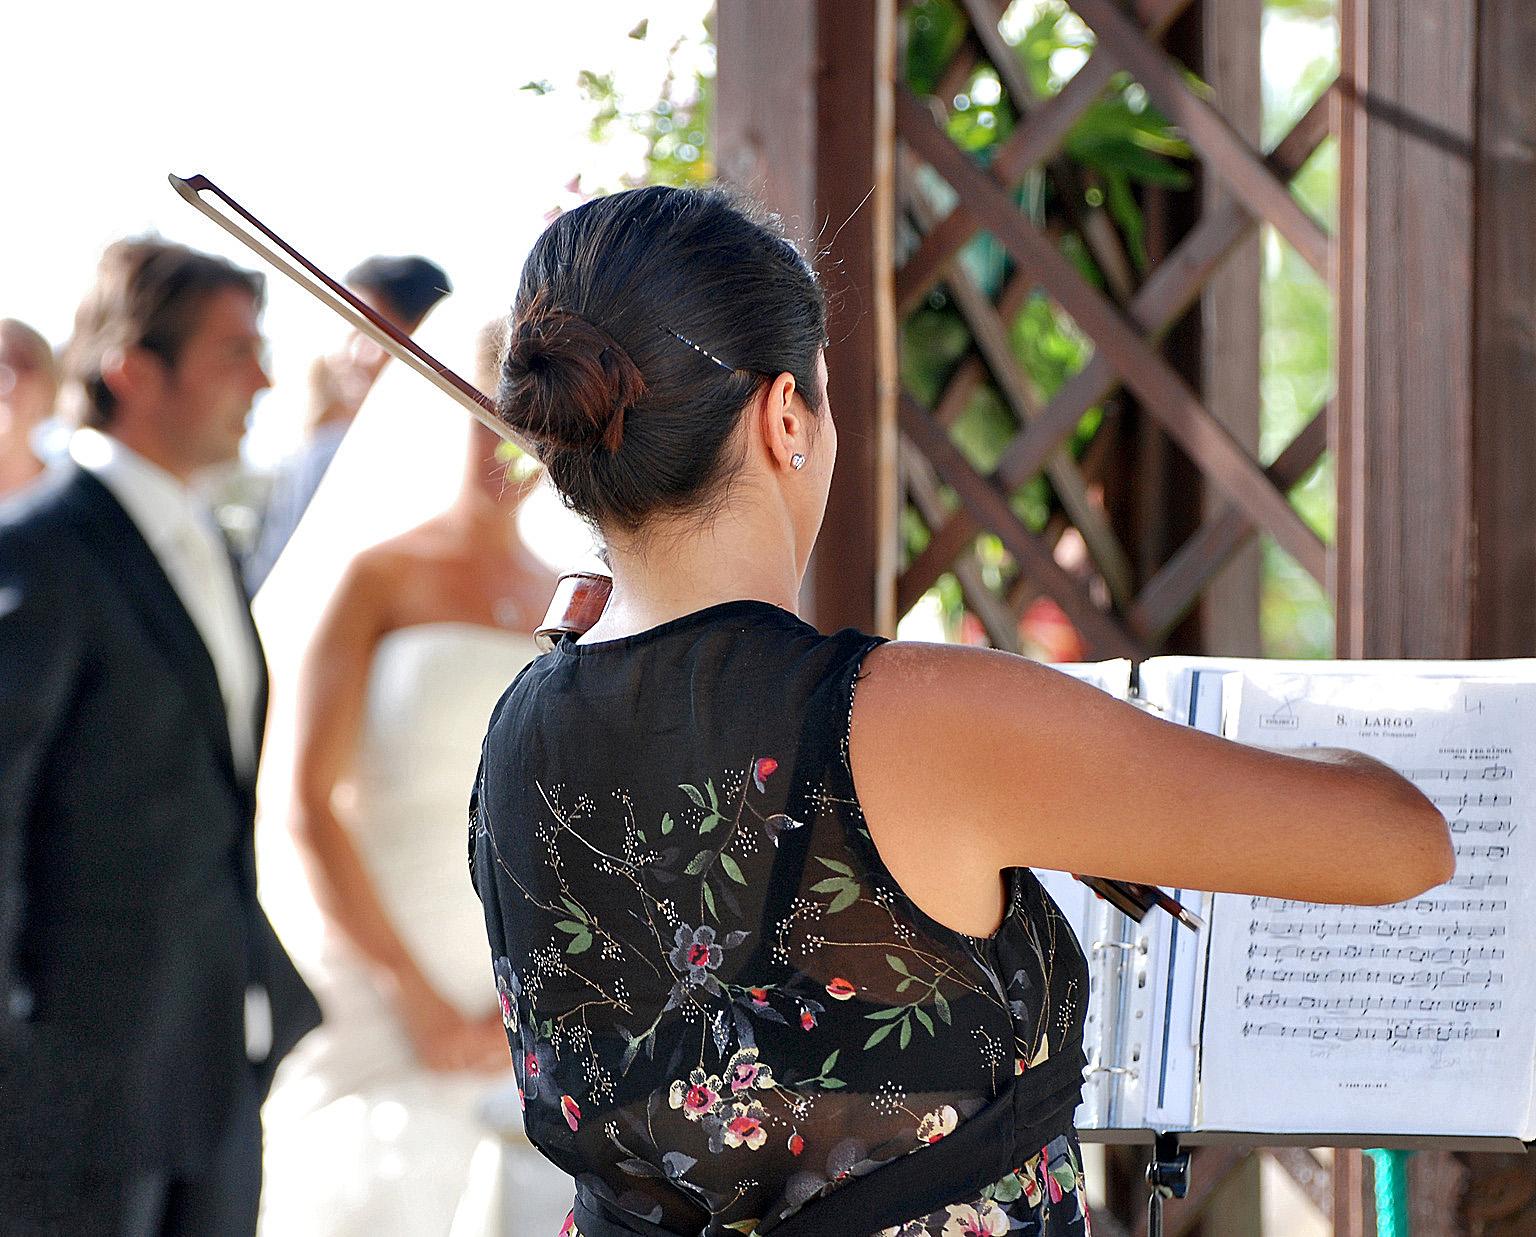 Matrimonio In Musica : Parroco del napoletano no a matrimoni con neomelodici e